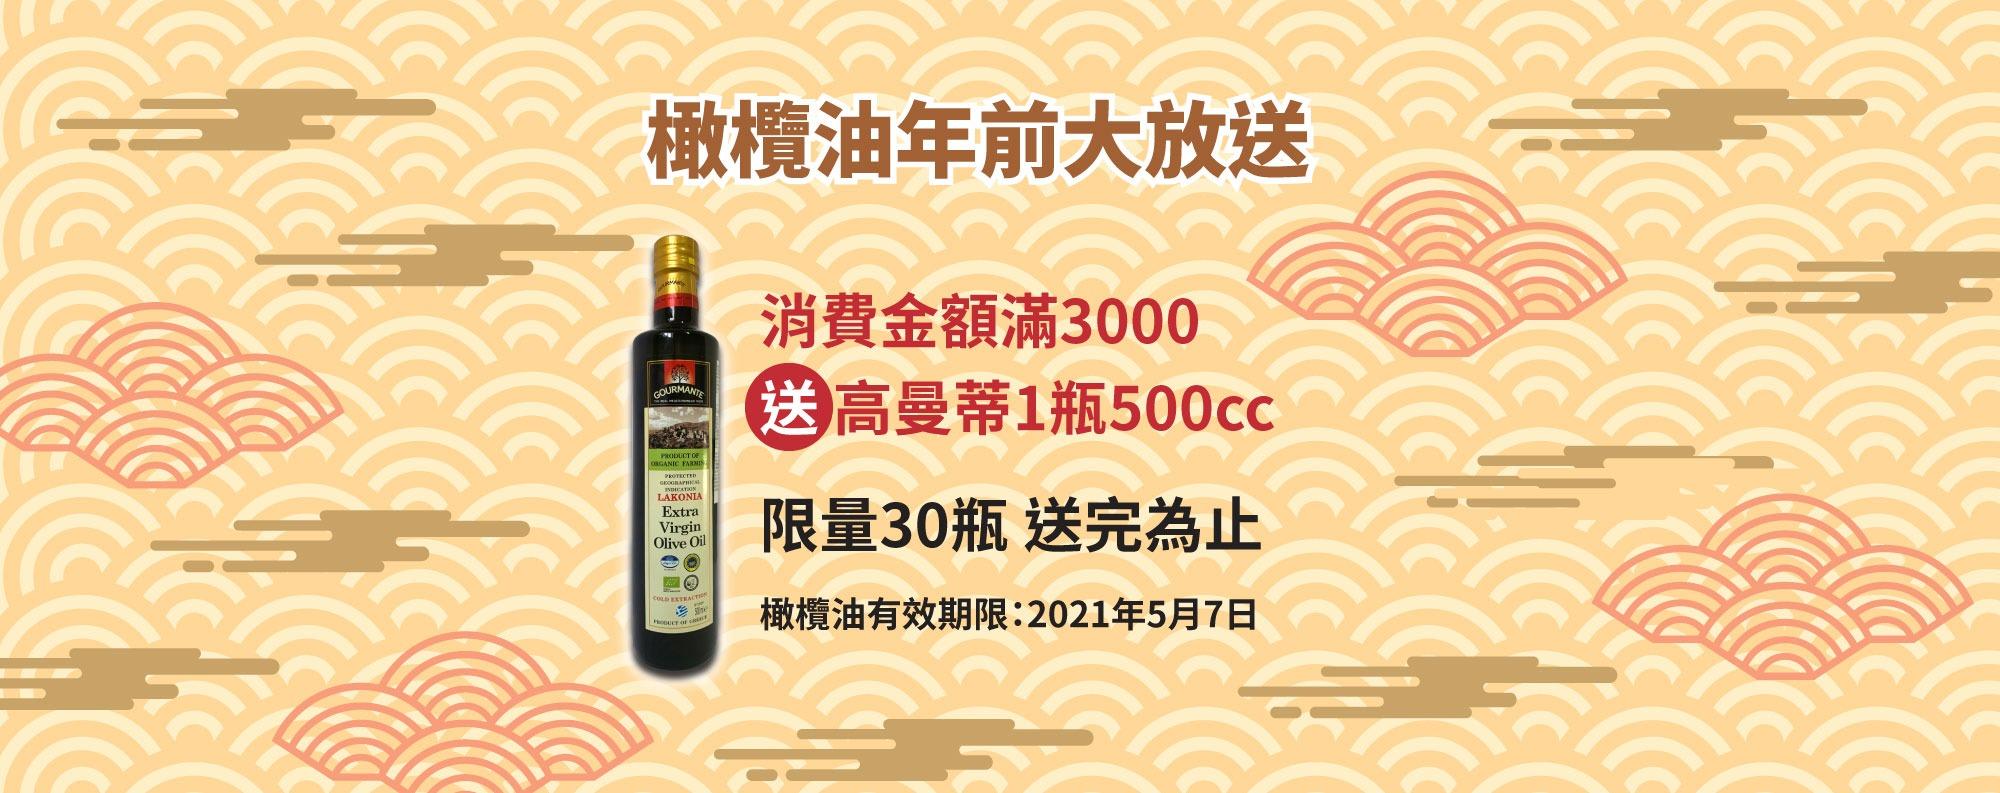 消費滿3000 送高曼蒂橄欖油1瓶 限量30瓶 送完為止